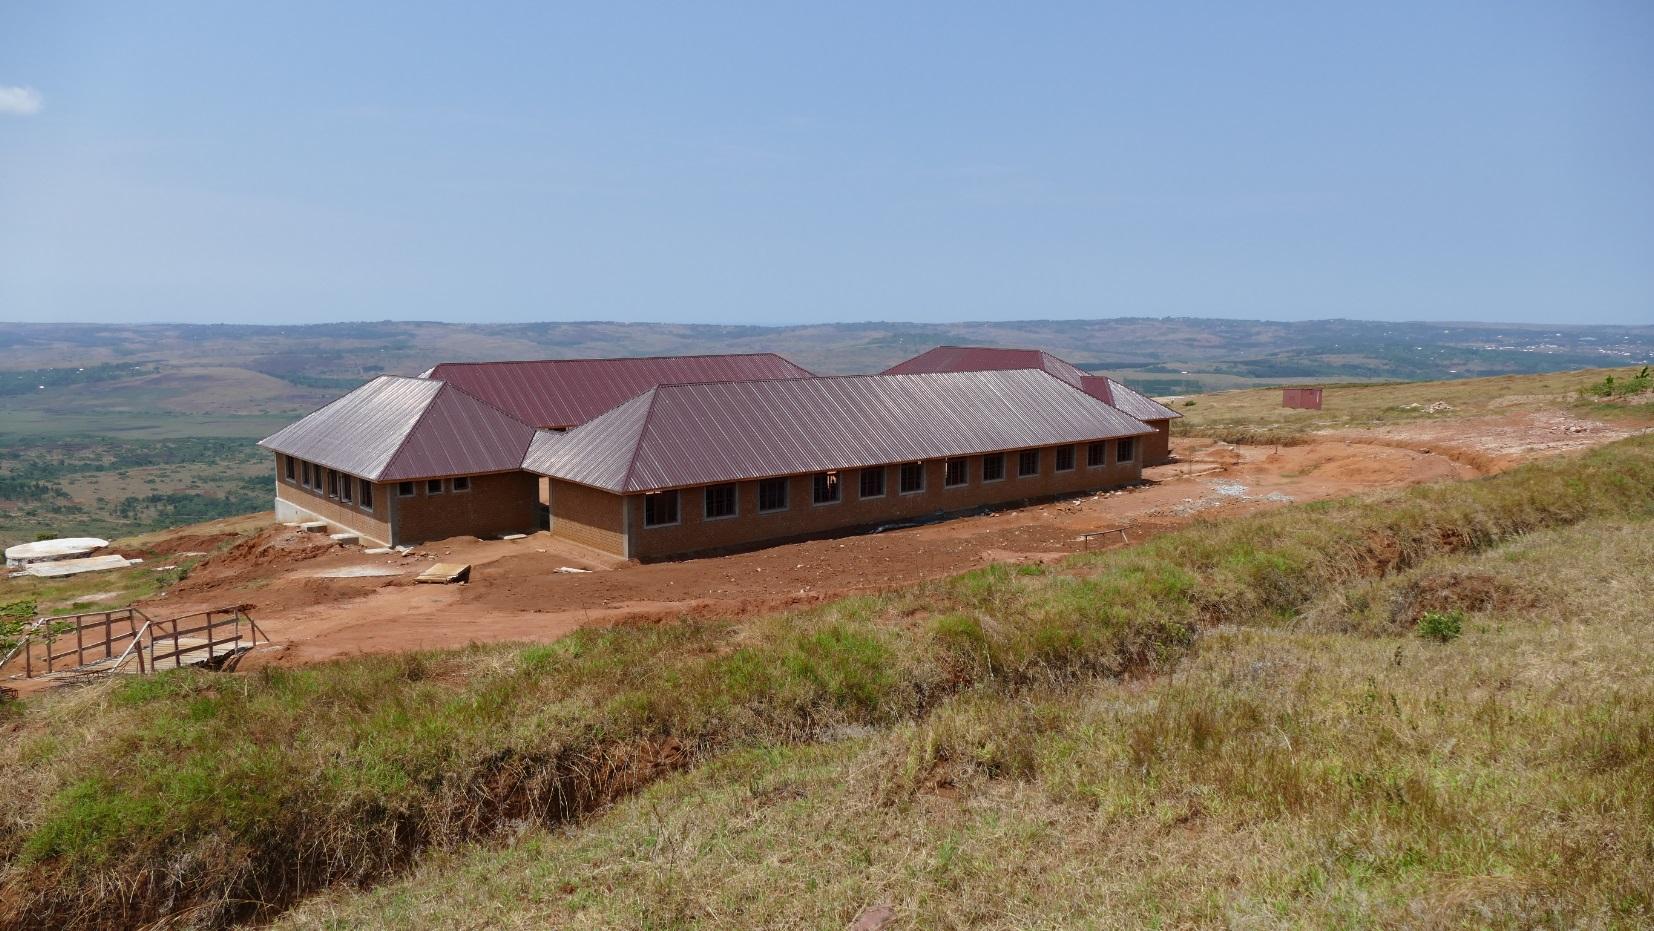 De school Tanzania